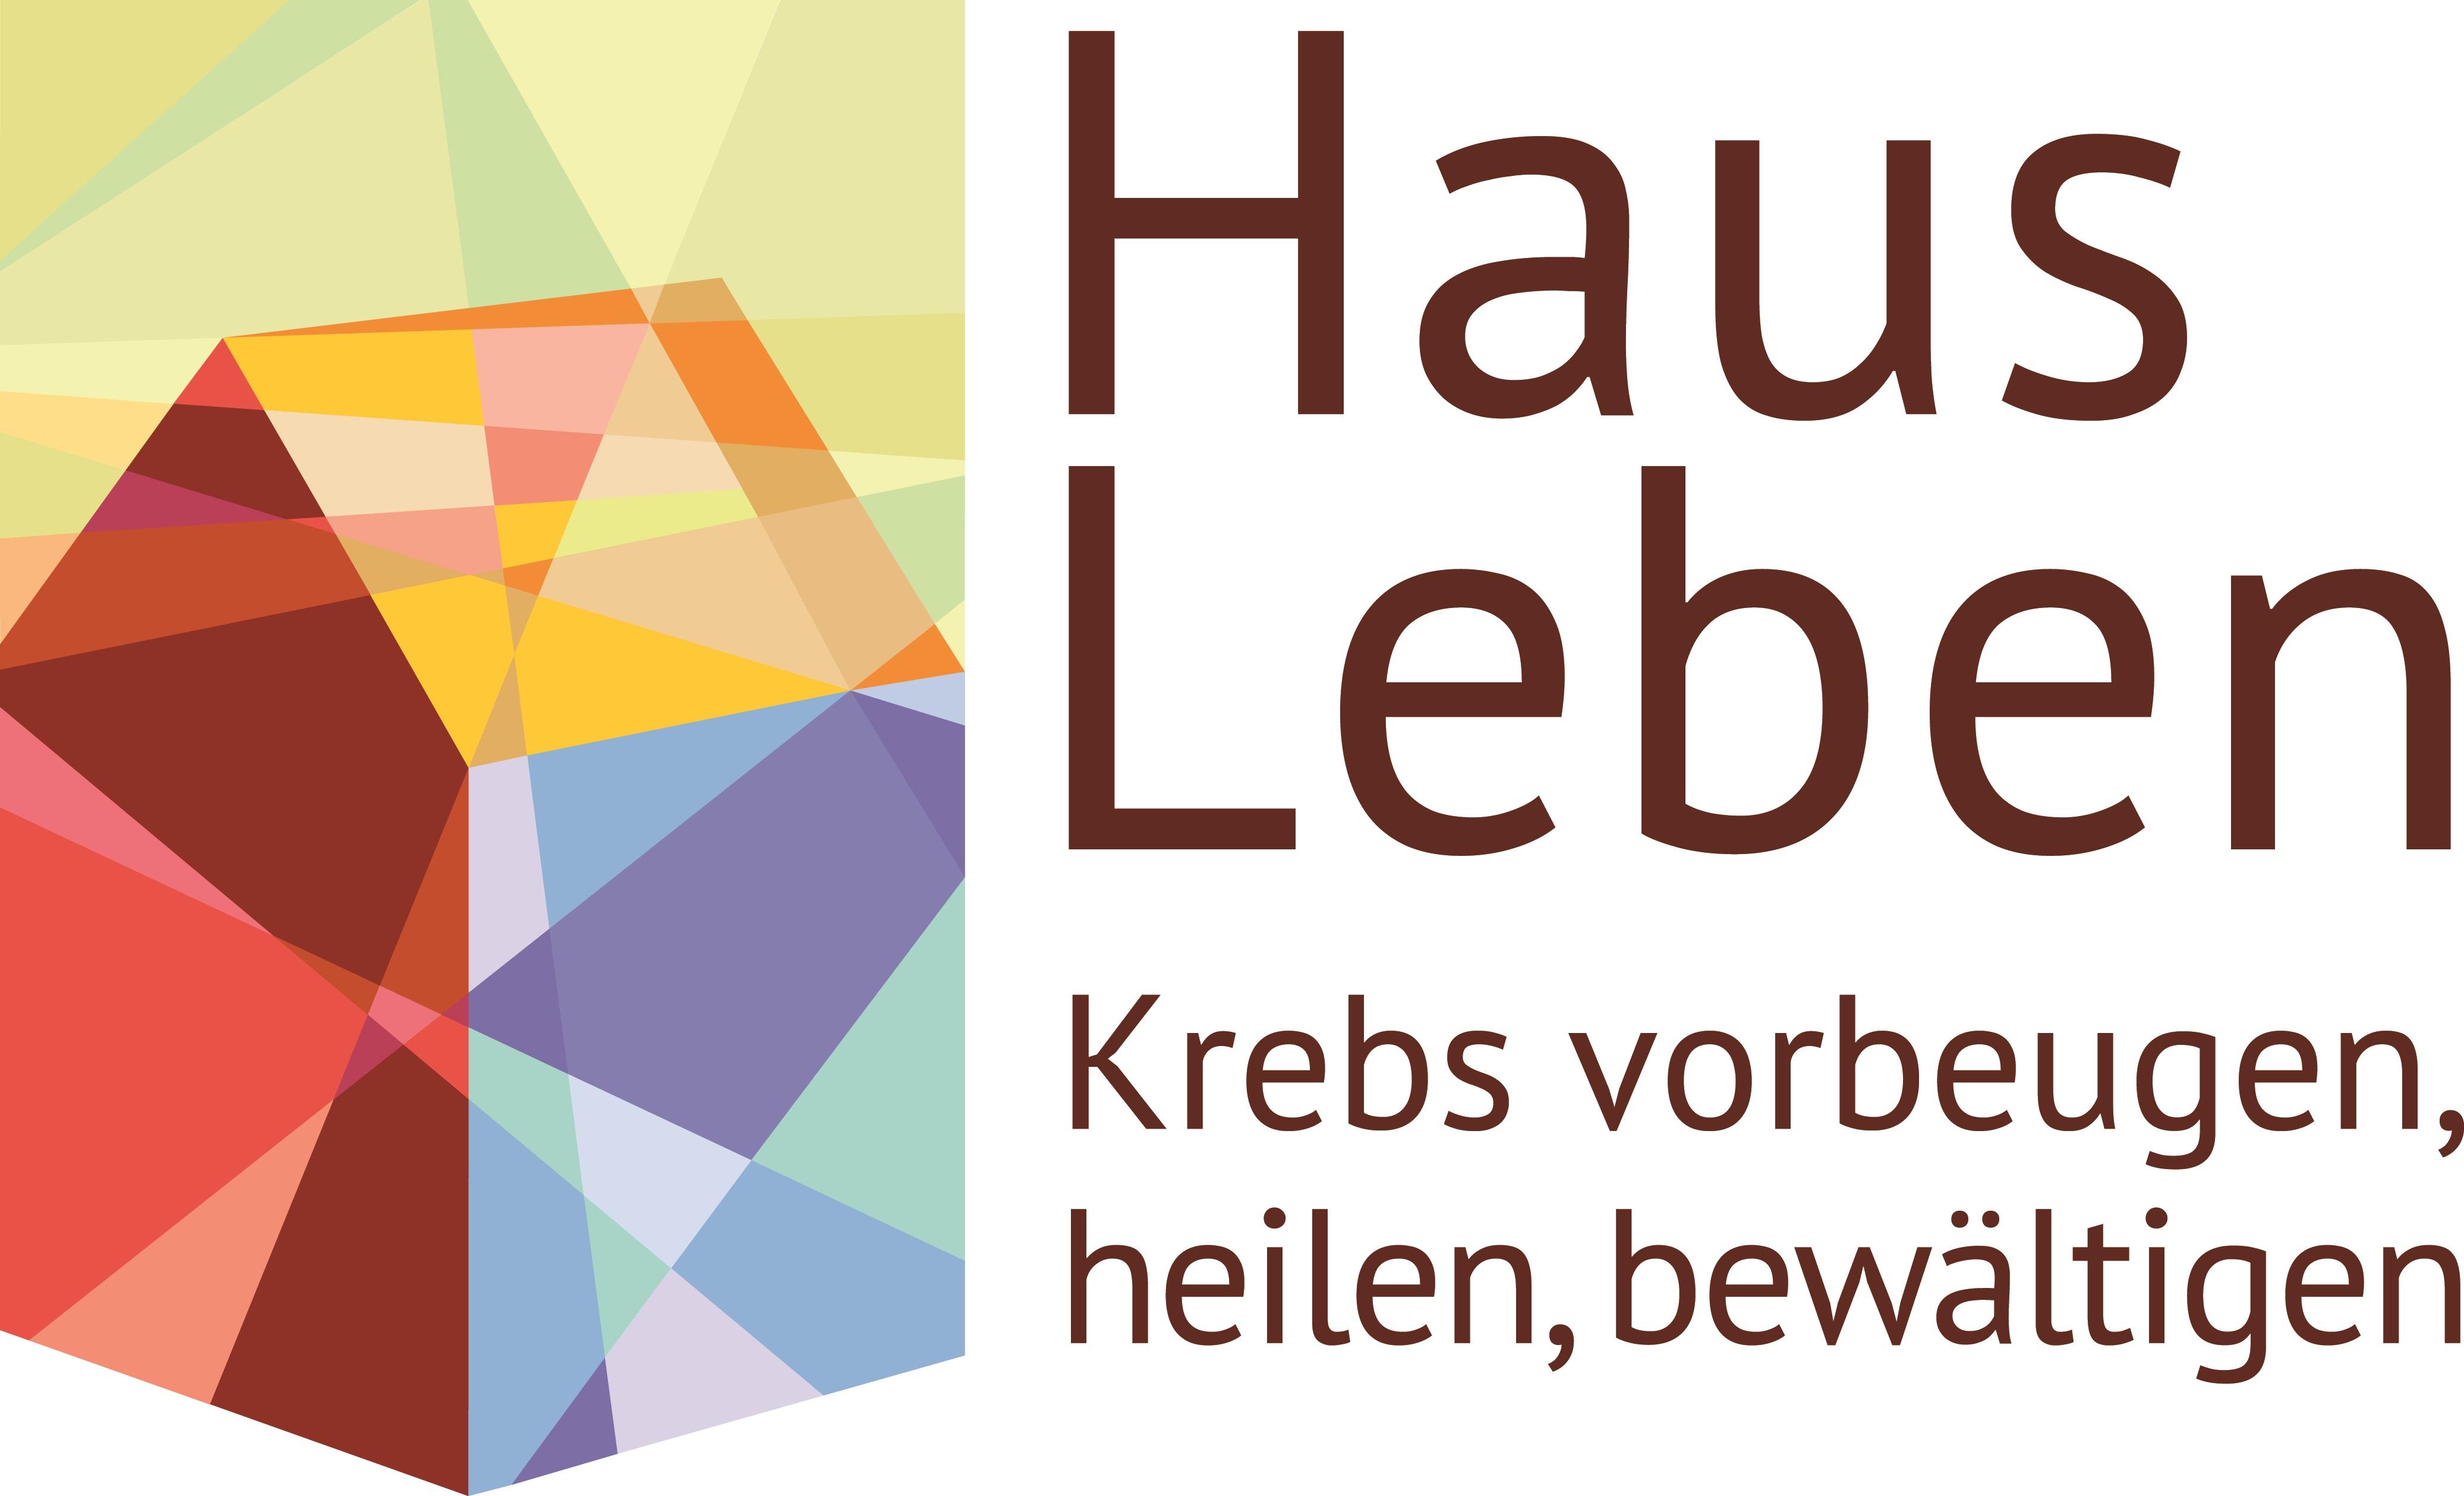 Logo_titel_subtitel_mittel_1.jpg